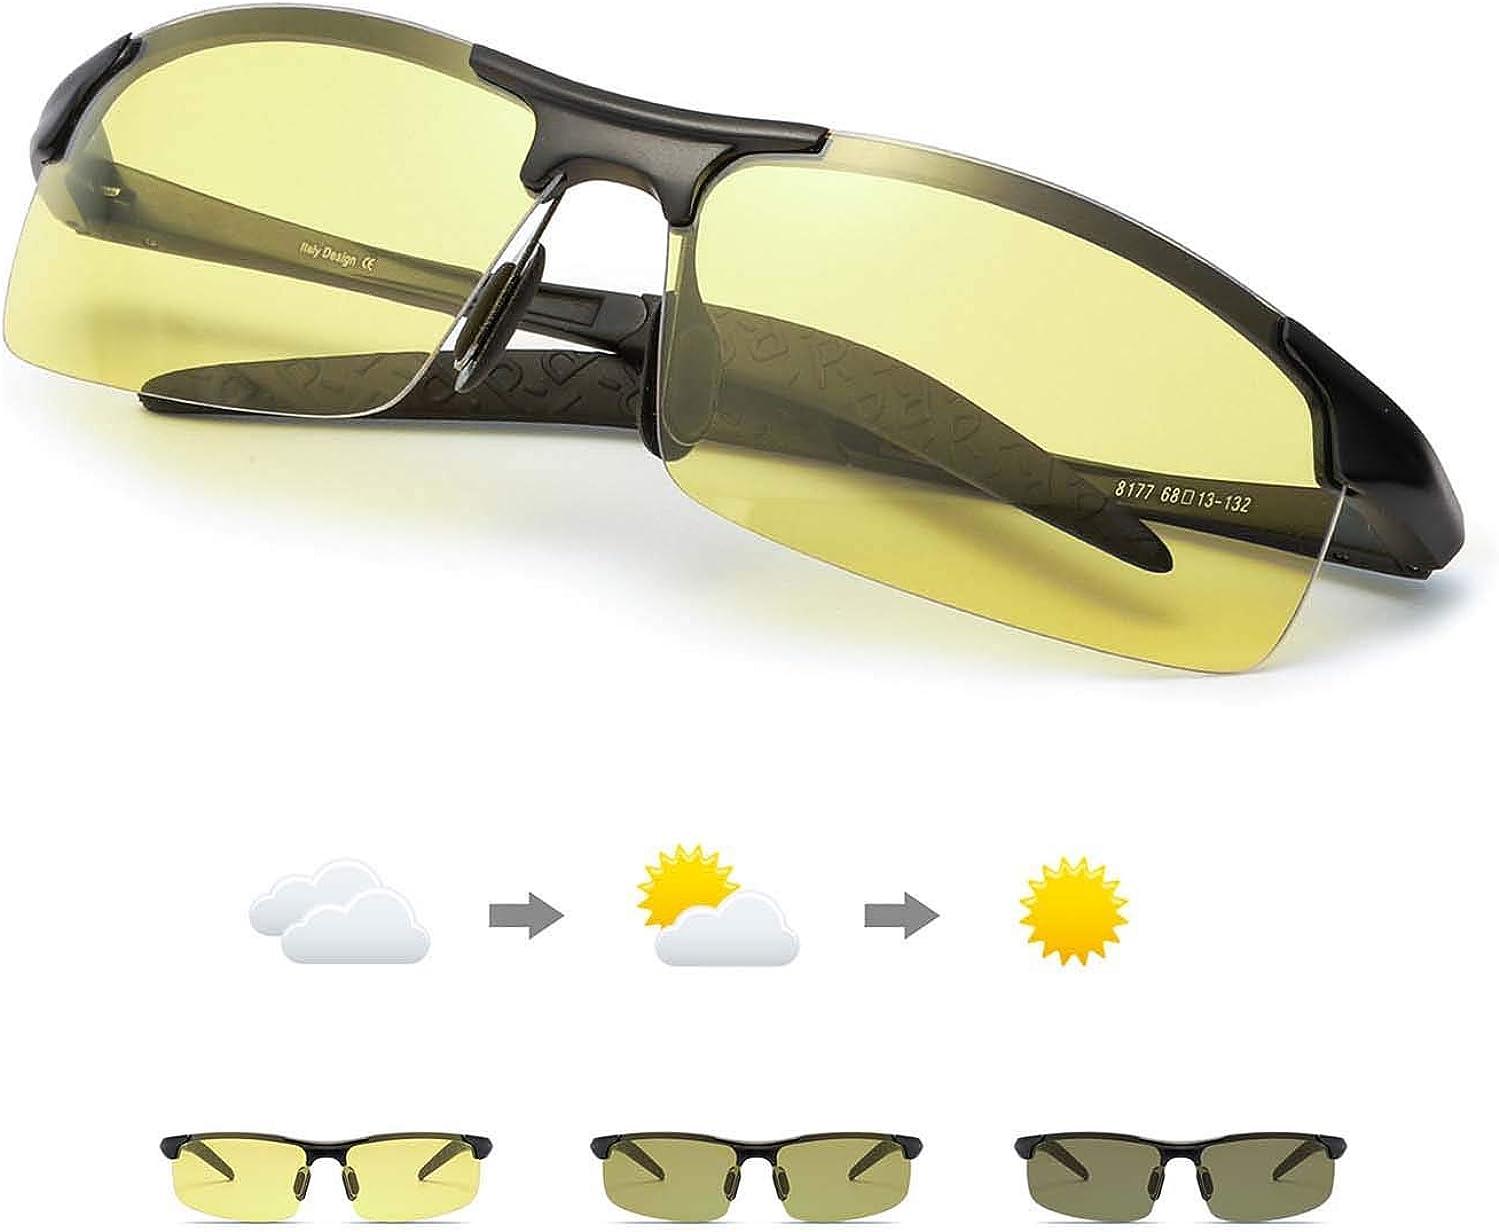 TJUTR Fotocromaticas Gafas de Sol para Conducción Nocturna Polarizadas Hombre, Marco de Metal Anti Reflectante Gafas Nocturna - 100% Protección UVA UVB